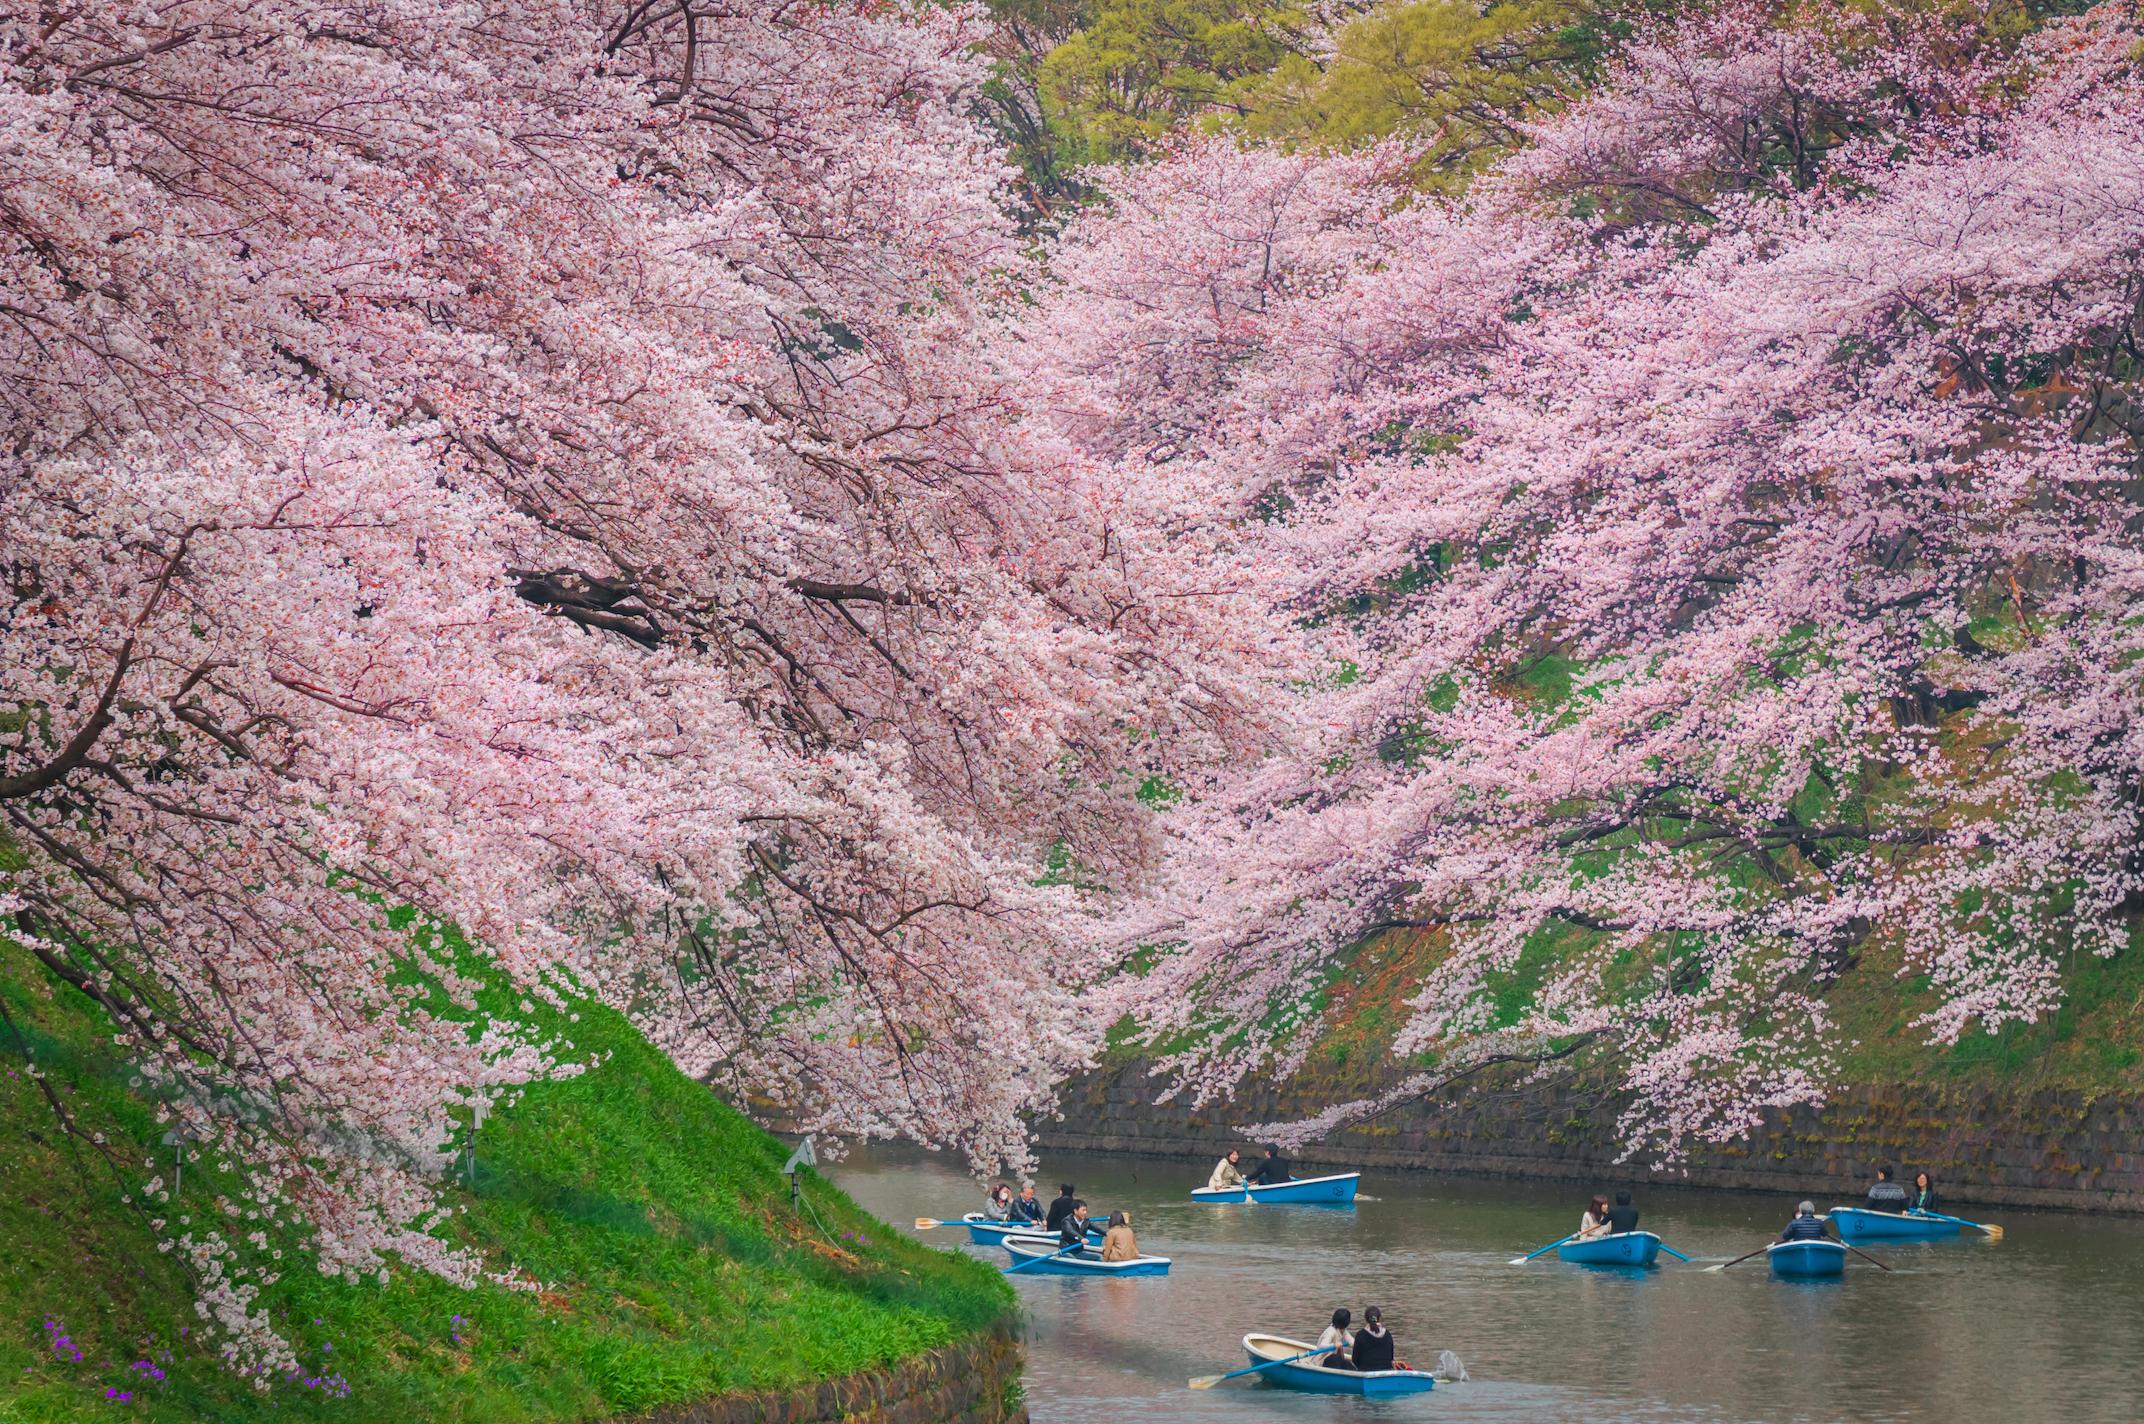 Photo: Navapon Plodprong/Dreamstime | Sakura at Chidorigafuchi Moat